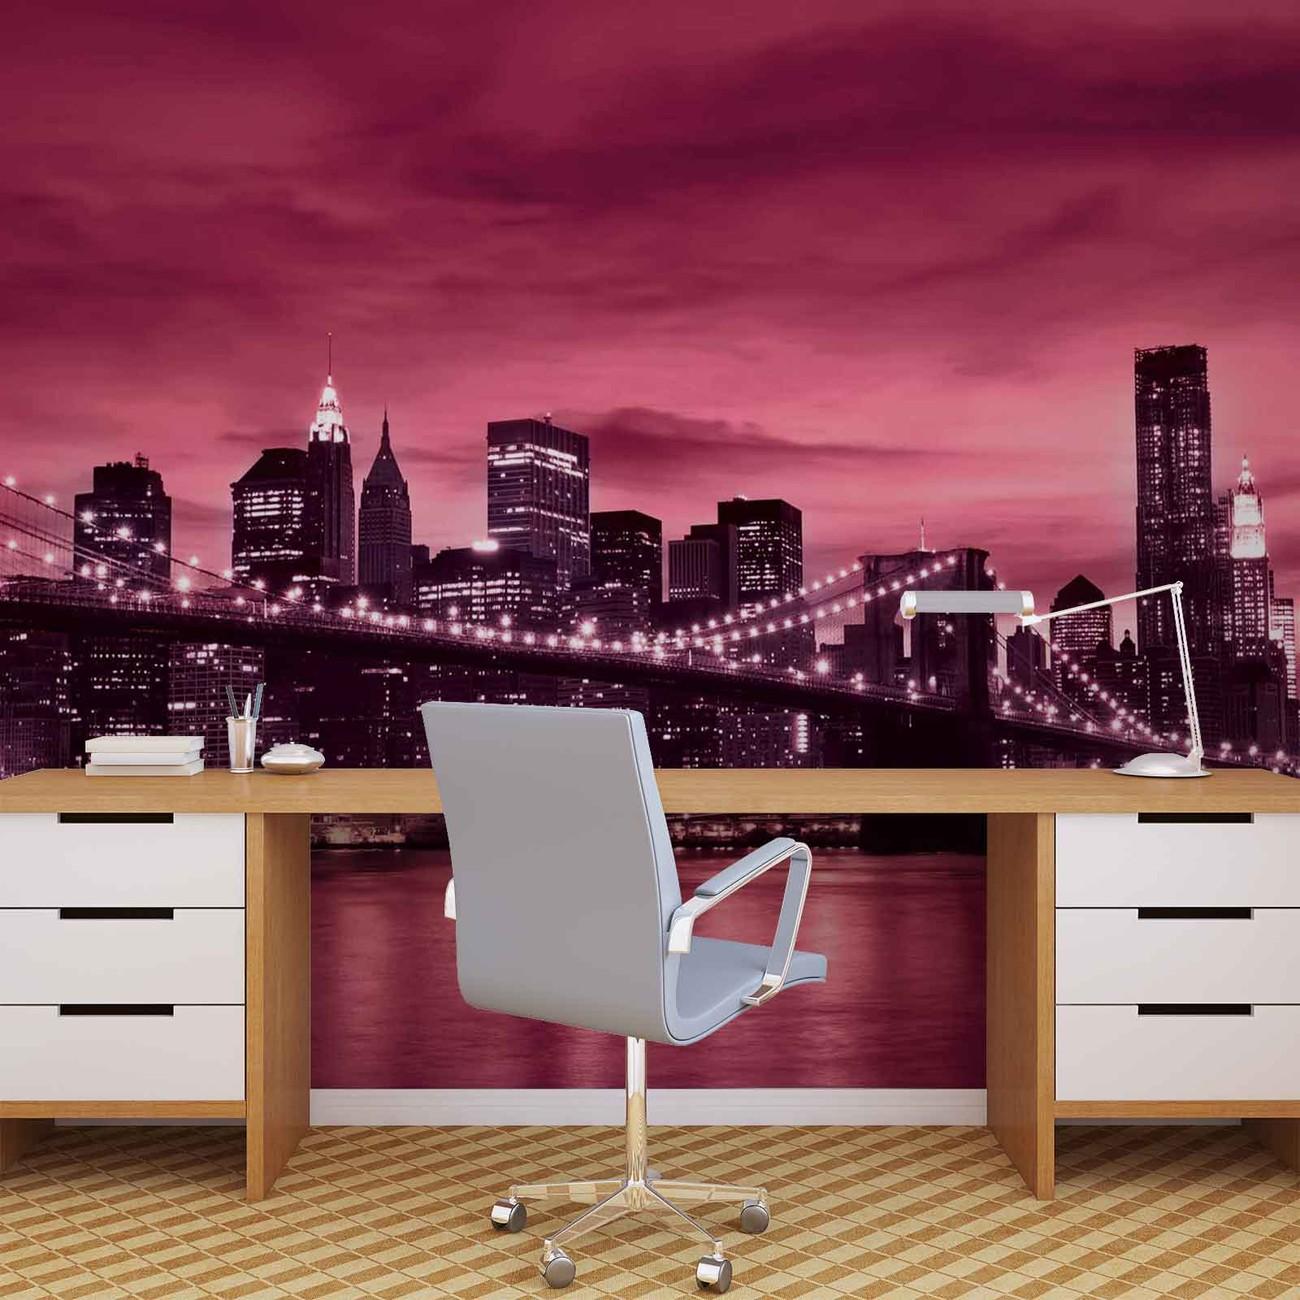 Fotomurale puente brooklyn ciudad de nueva york papel - Papel pintado nueva york ...